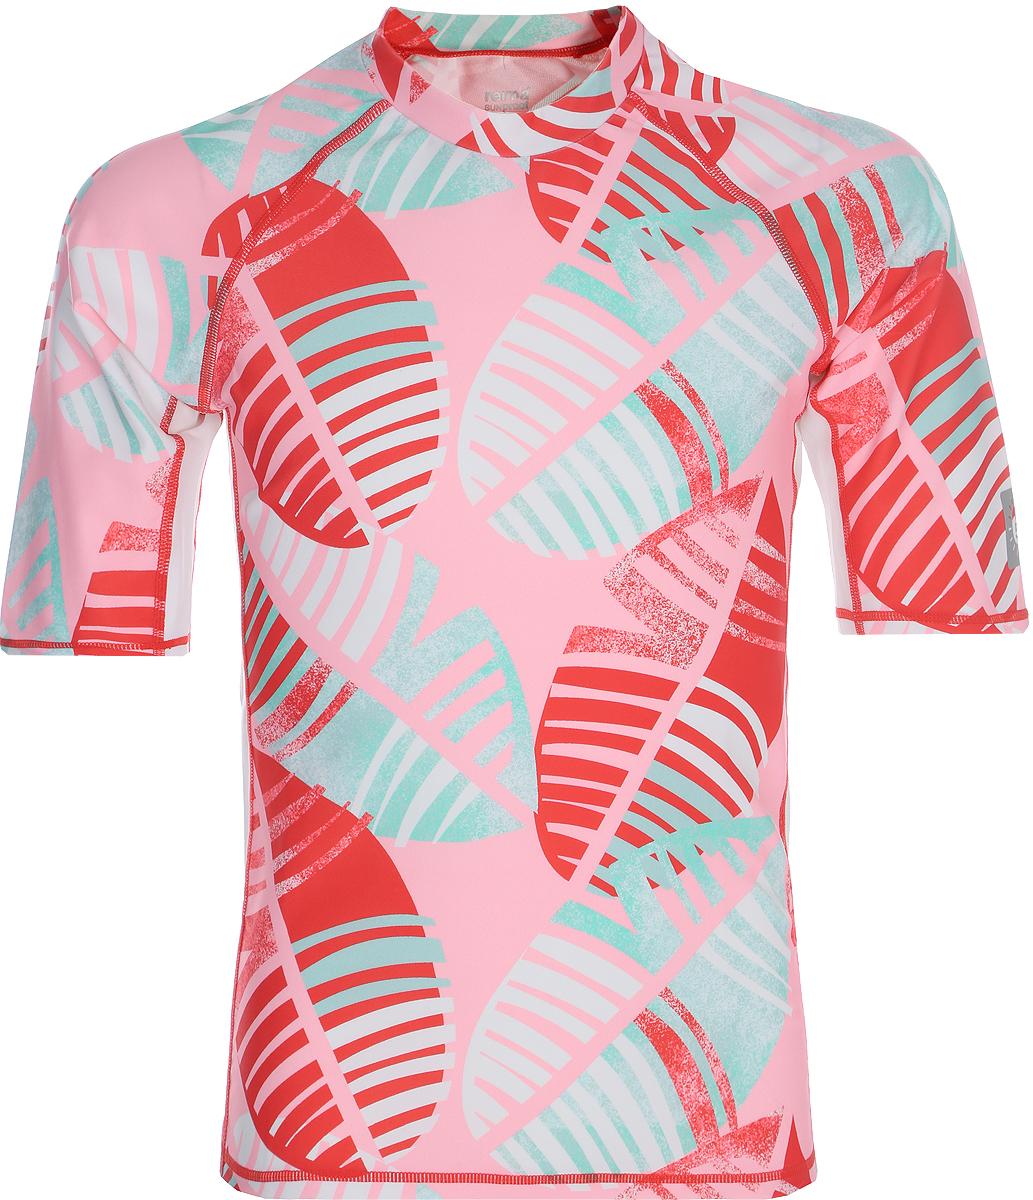 Футболка для плавания детская Reima Fiji, цвет: светло-розовый. 5362683341. Размер 1045362683341Футболка от Reima для детей из материала Reima SunProof разработана для игр на солнце и в воде. Материал с УФ-фактором защиты 50+ обеспечивает великолепную защиту нежной коже. Футболка идеально подходит для пляжа: рукава до локтя и удлиненный подол сзади обеспечивают защиту как в воде, так и на песке.